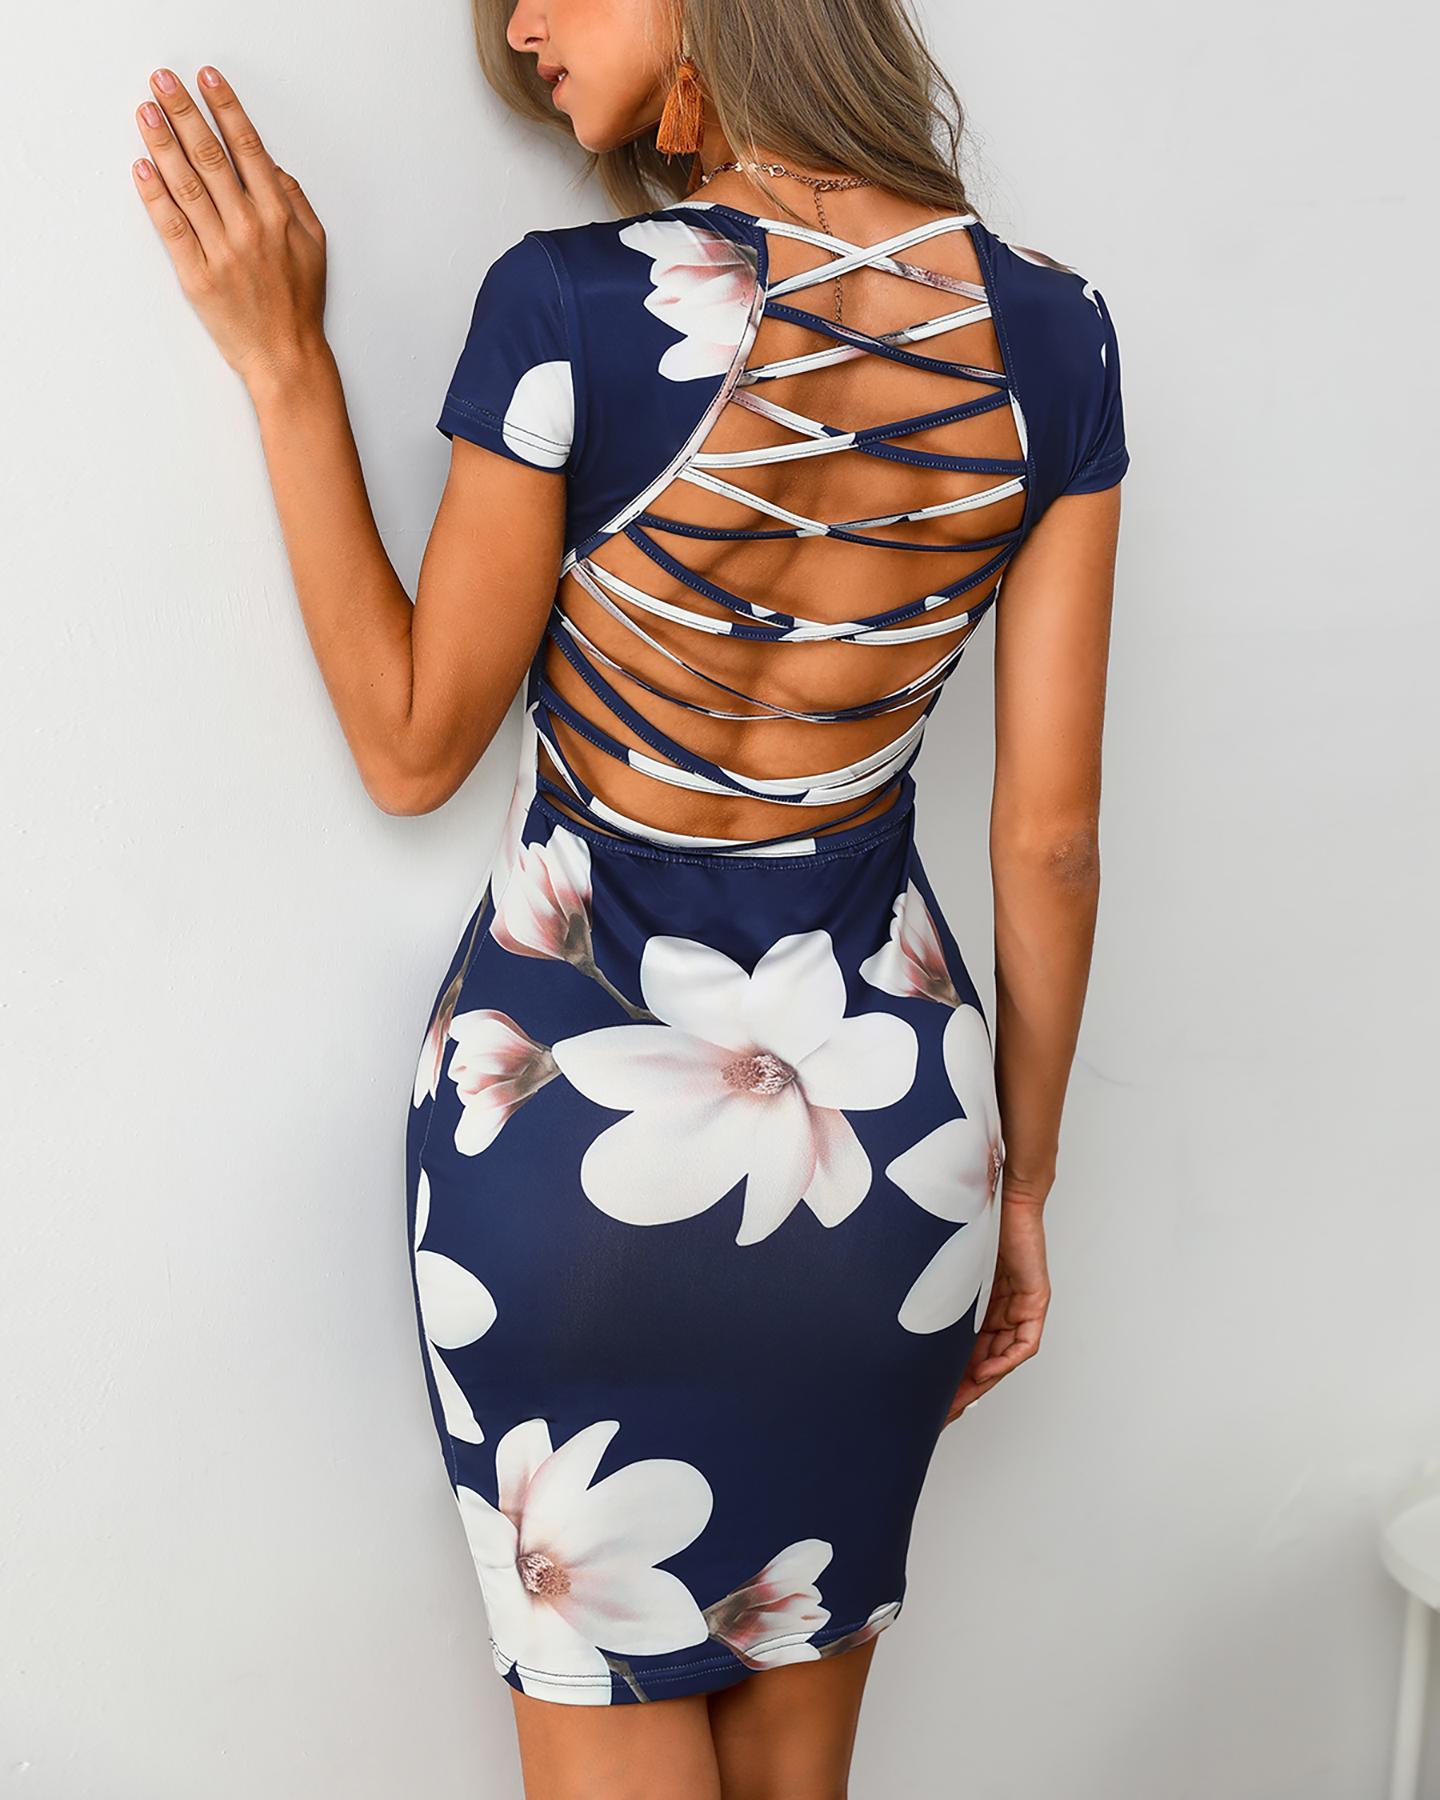 chicme / Vestido ajustado con estampado floral en la espalda con cordones